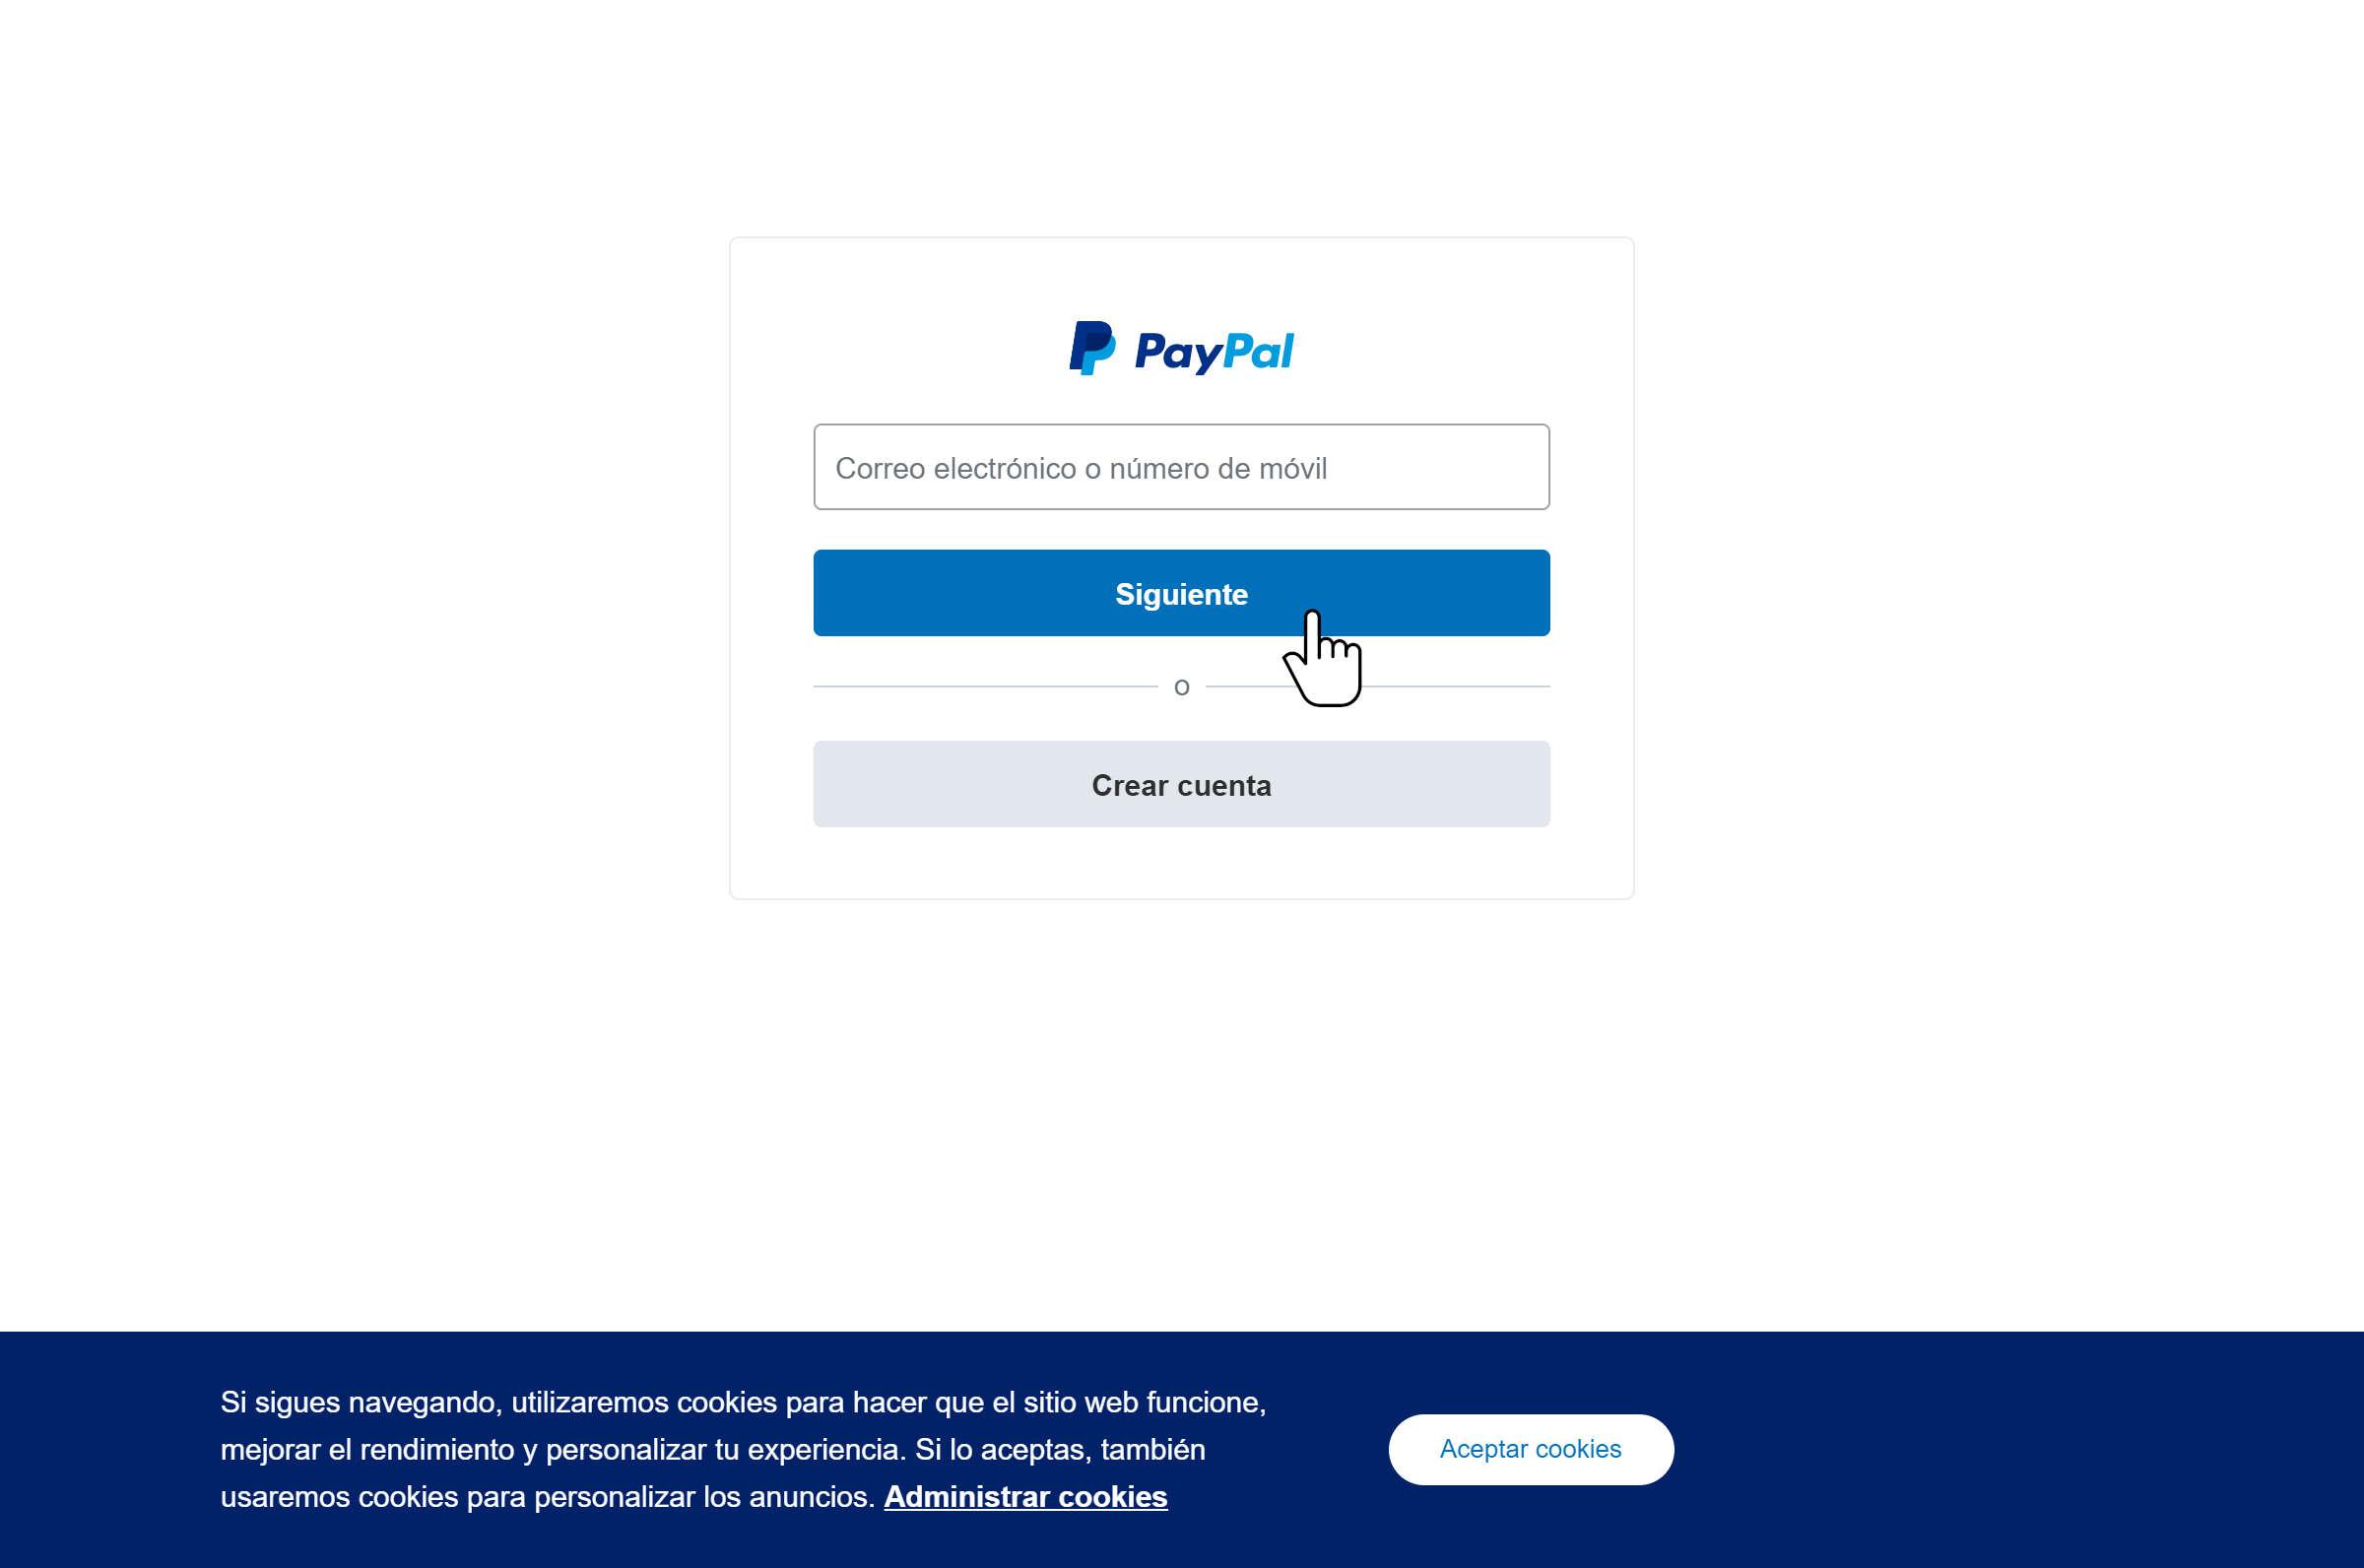 como obtener el Token de identidad de paypal 1